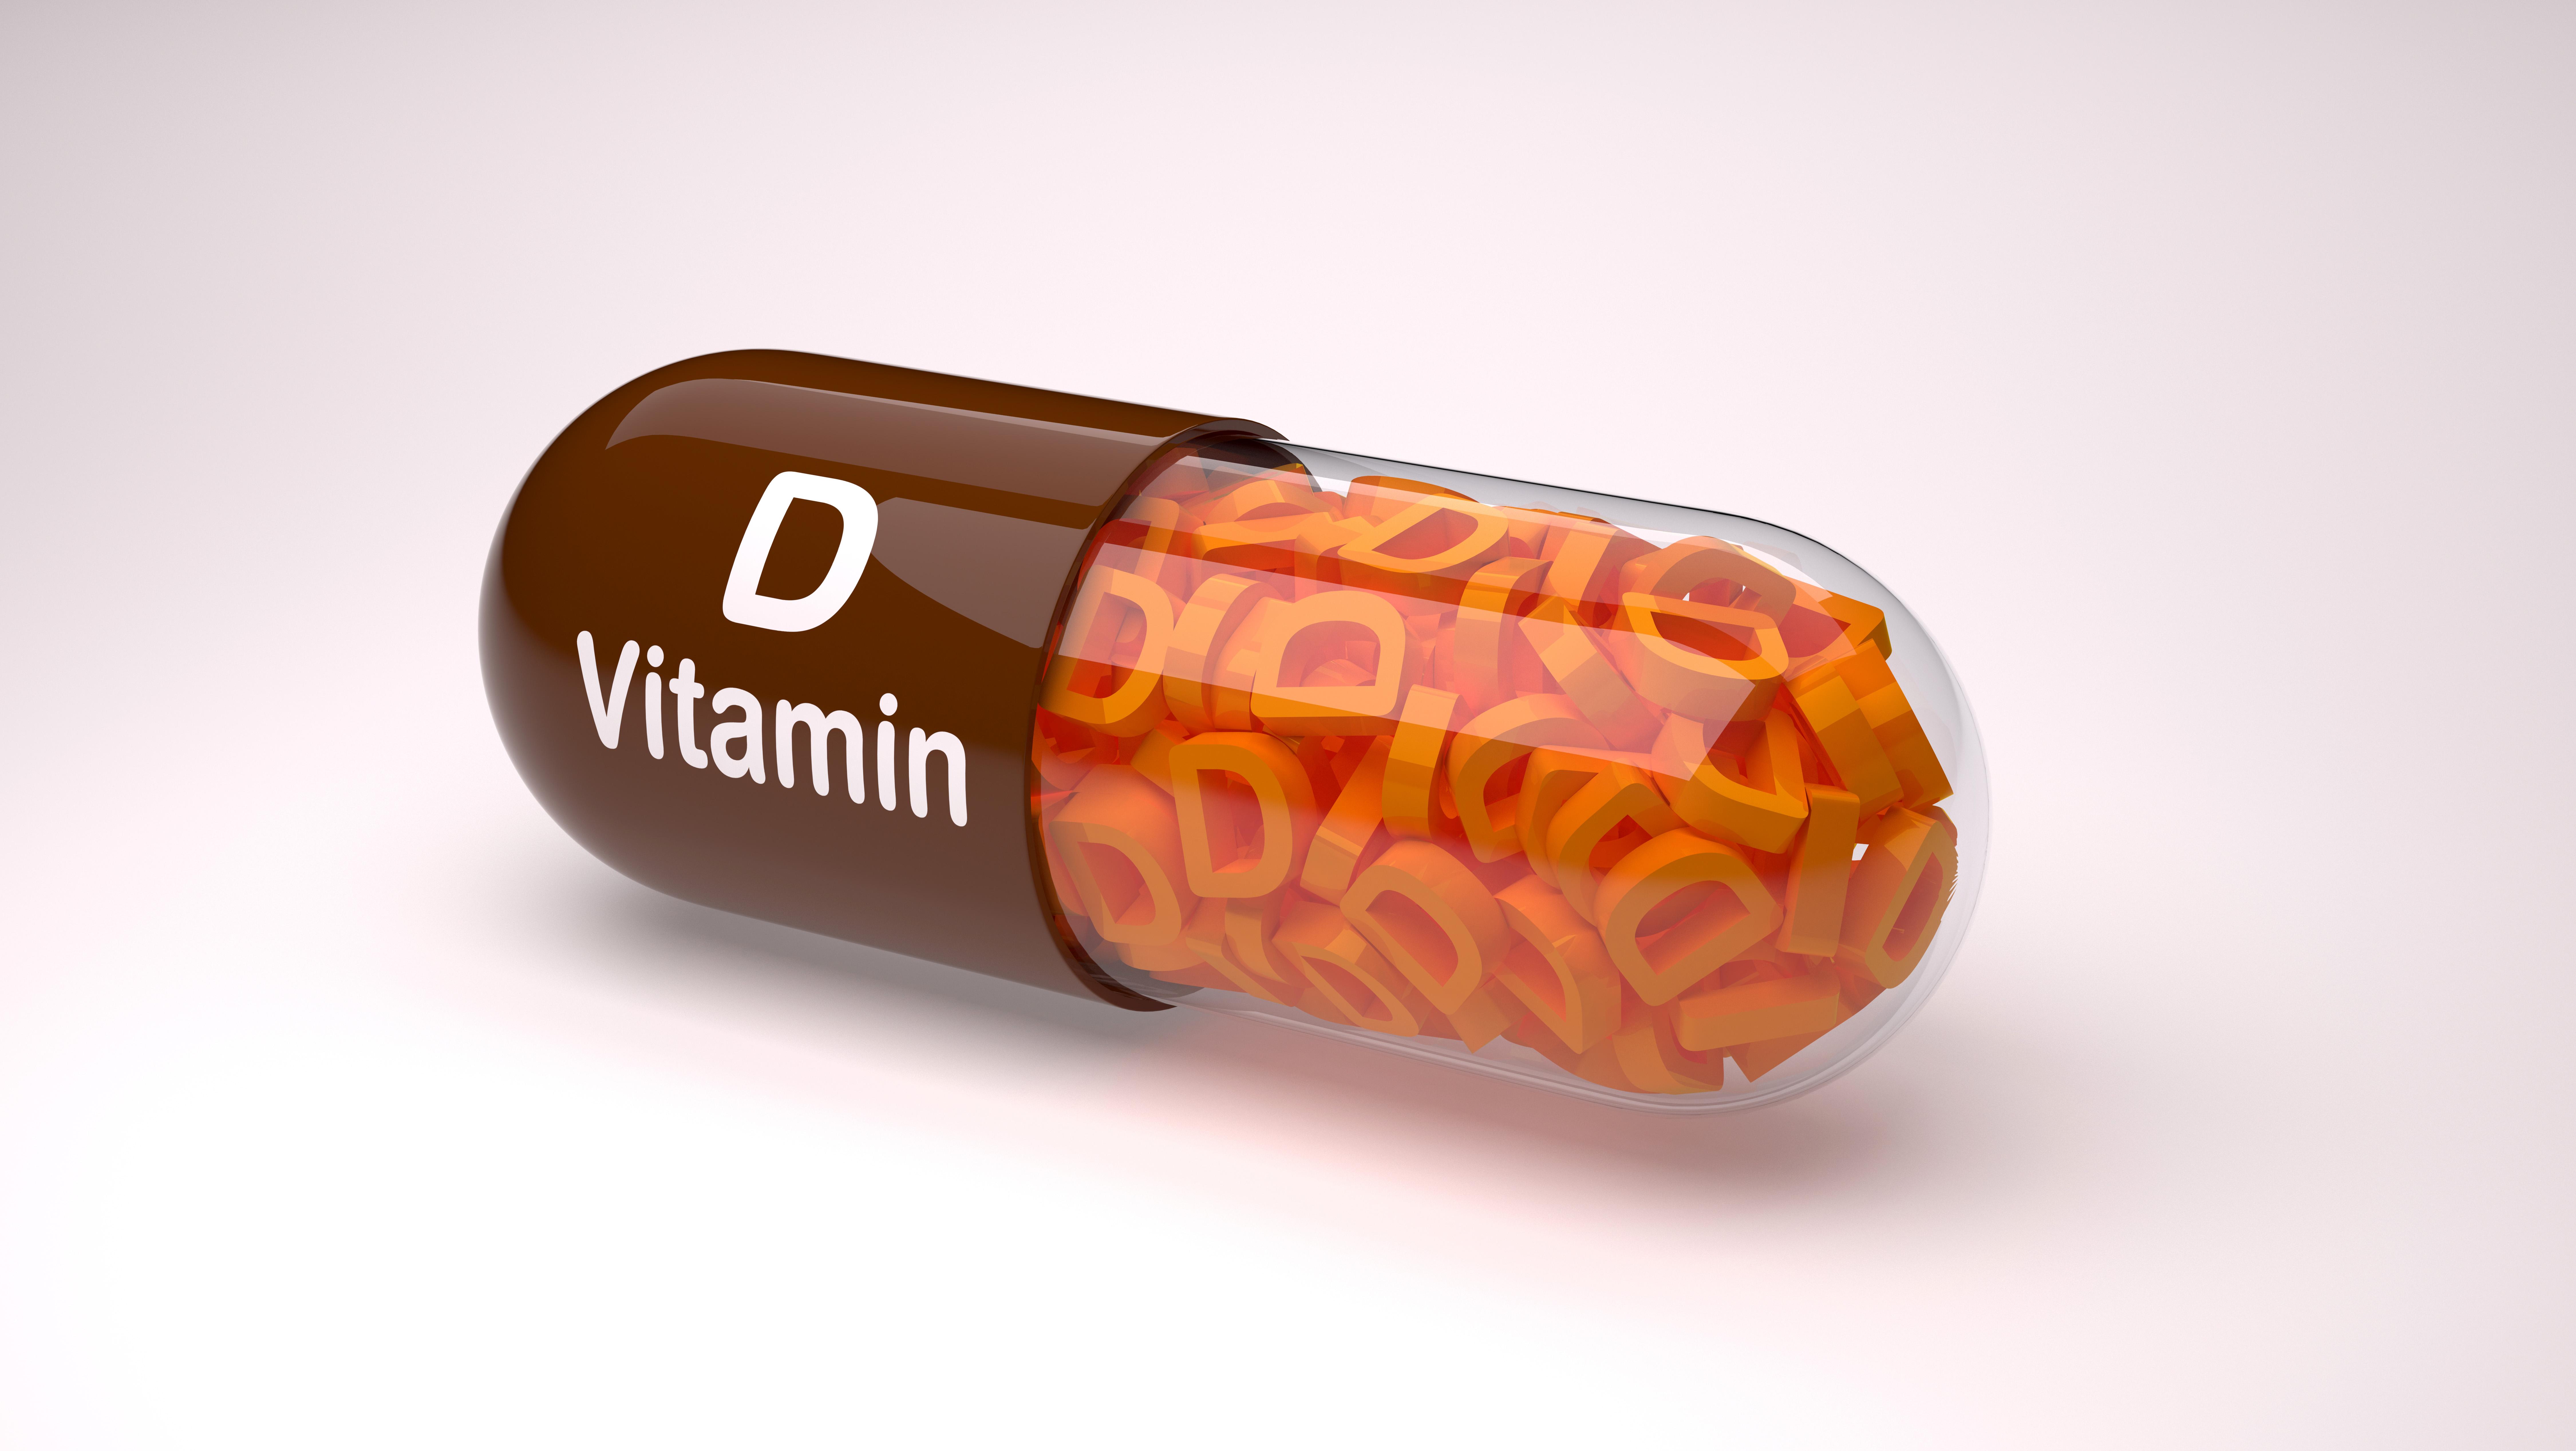 STUDIU: Vitamina D nu protejează împotriva apariției cancerului pulmonar